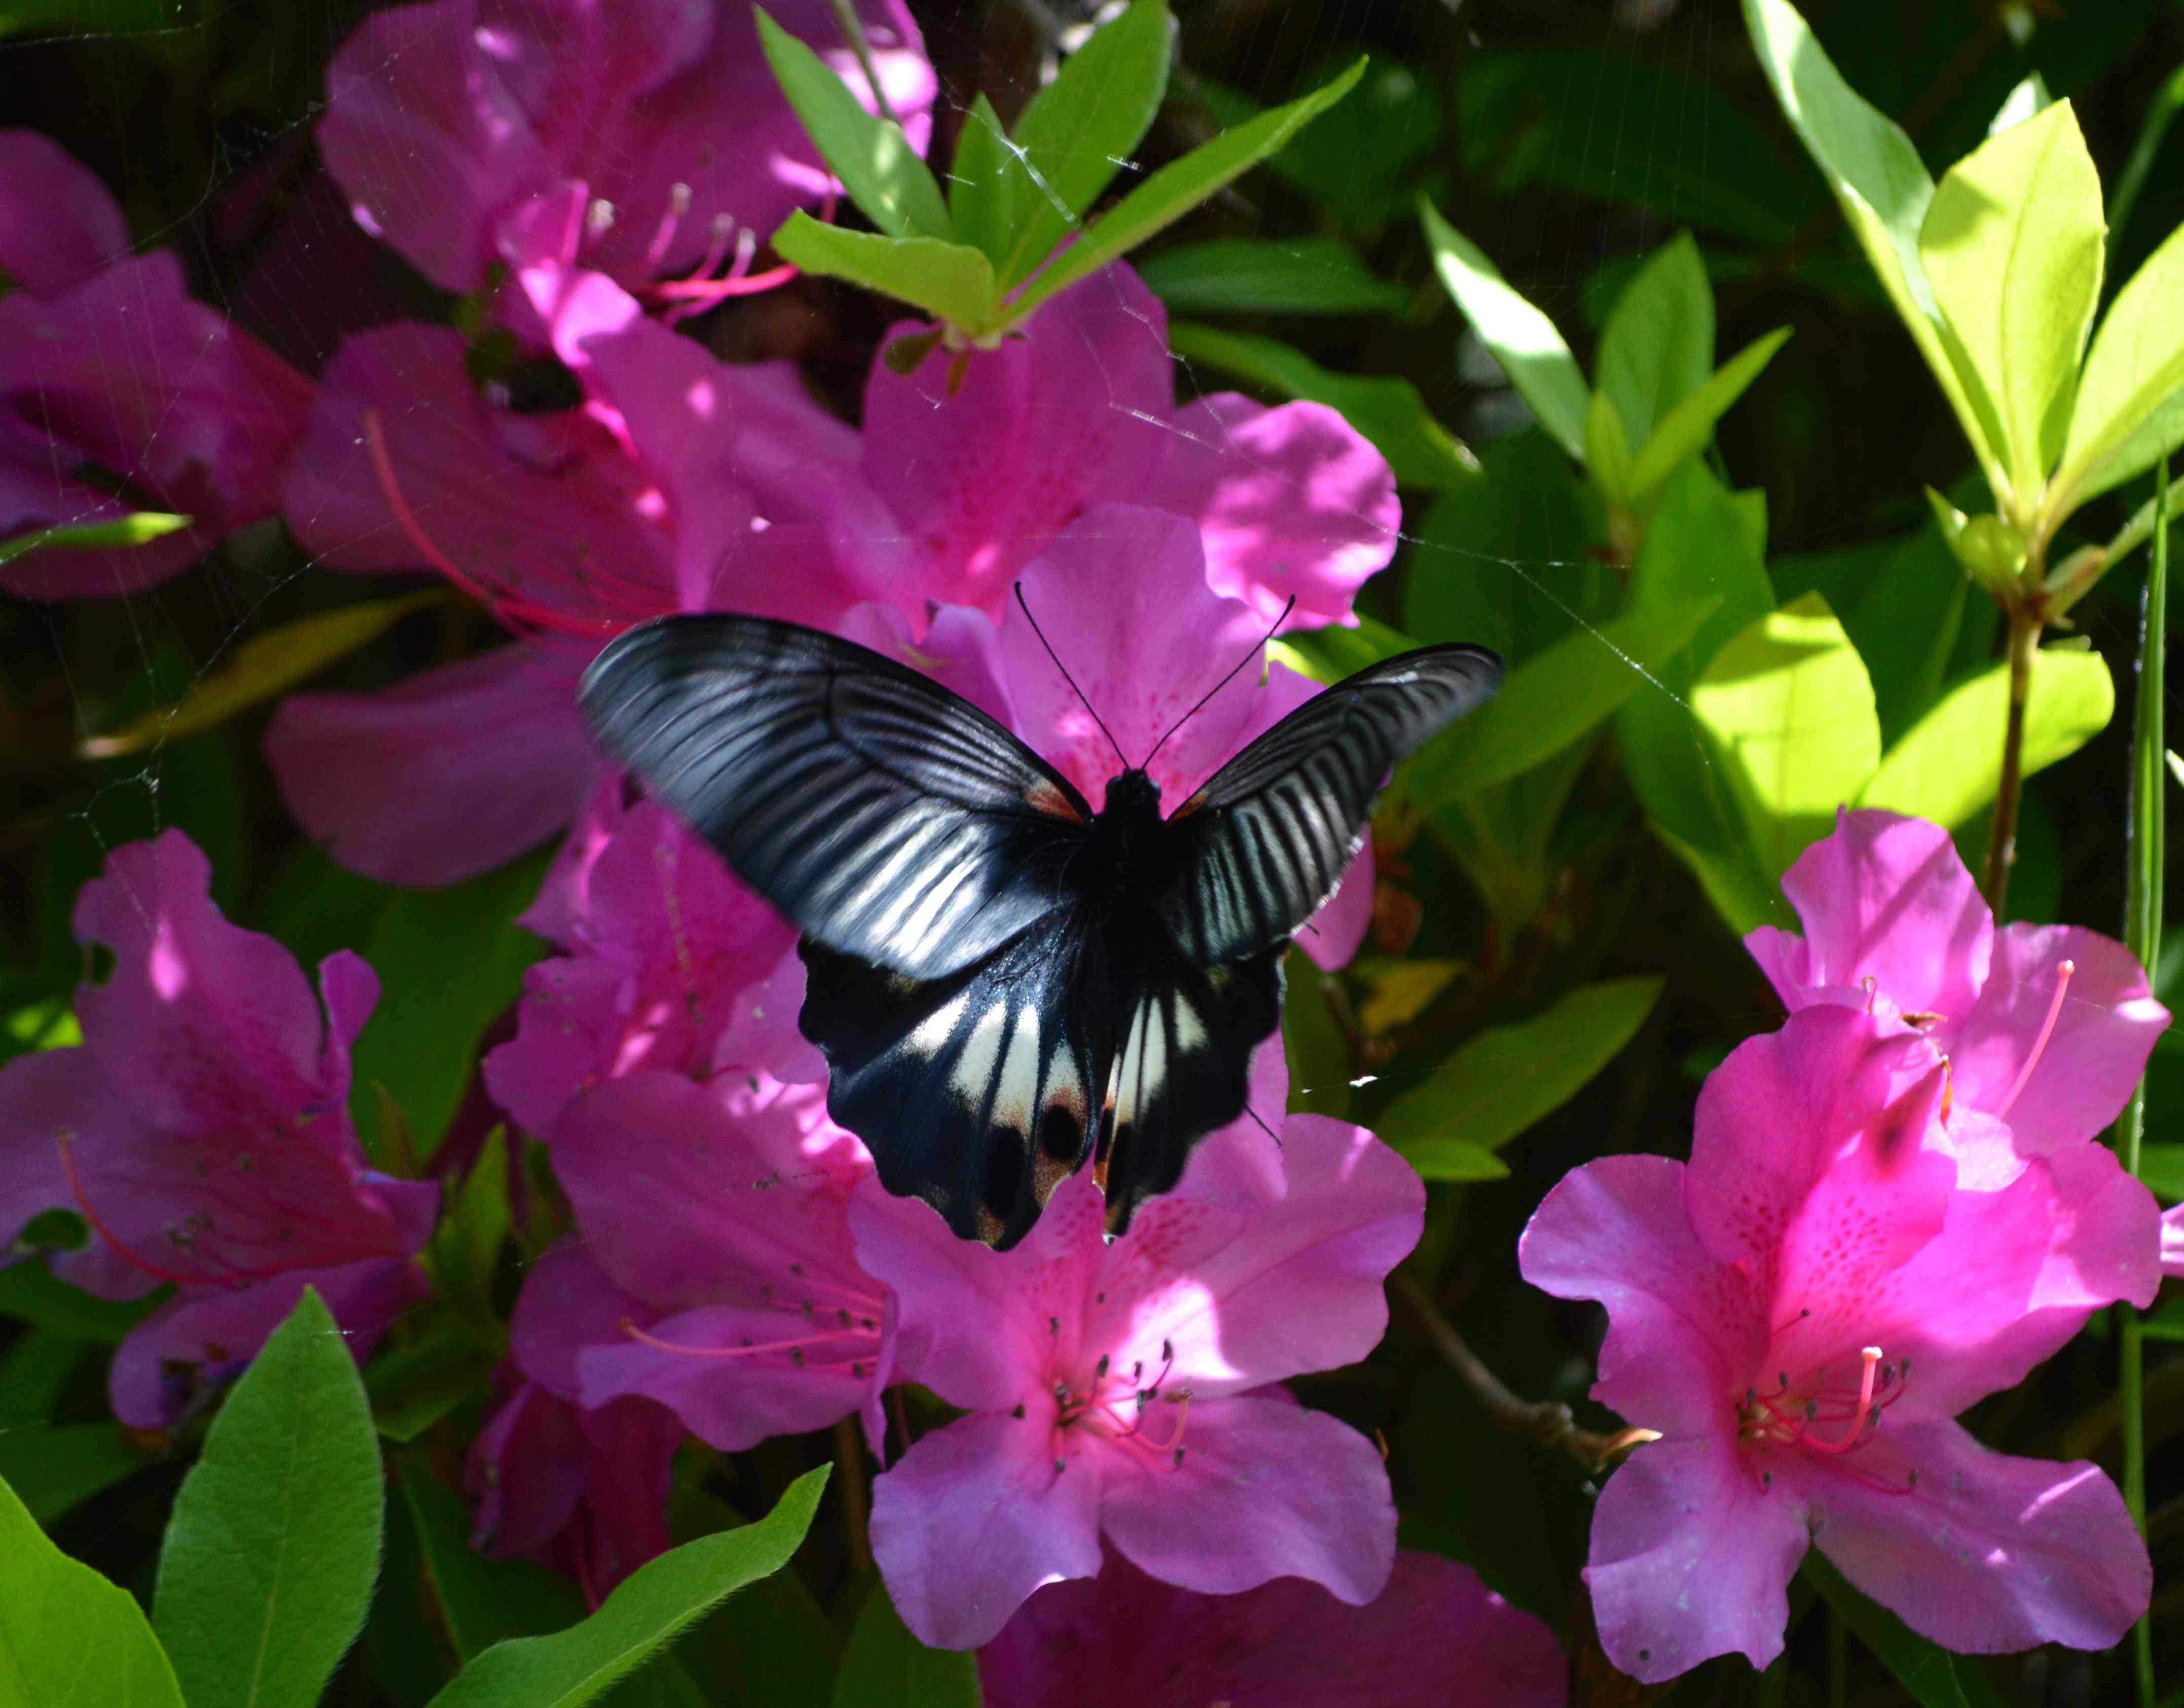 ナガサキアゲハ 5月2日ツツジの咲く公園にて_d0254540_345597.jpg